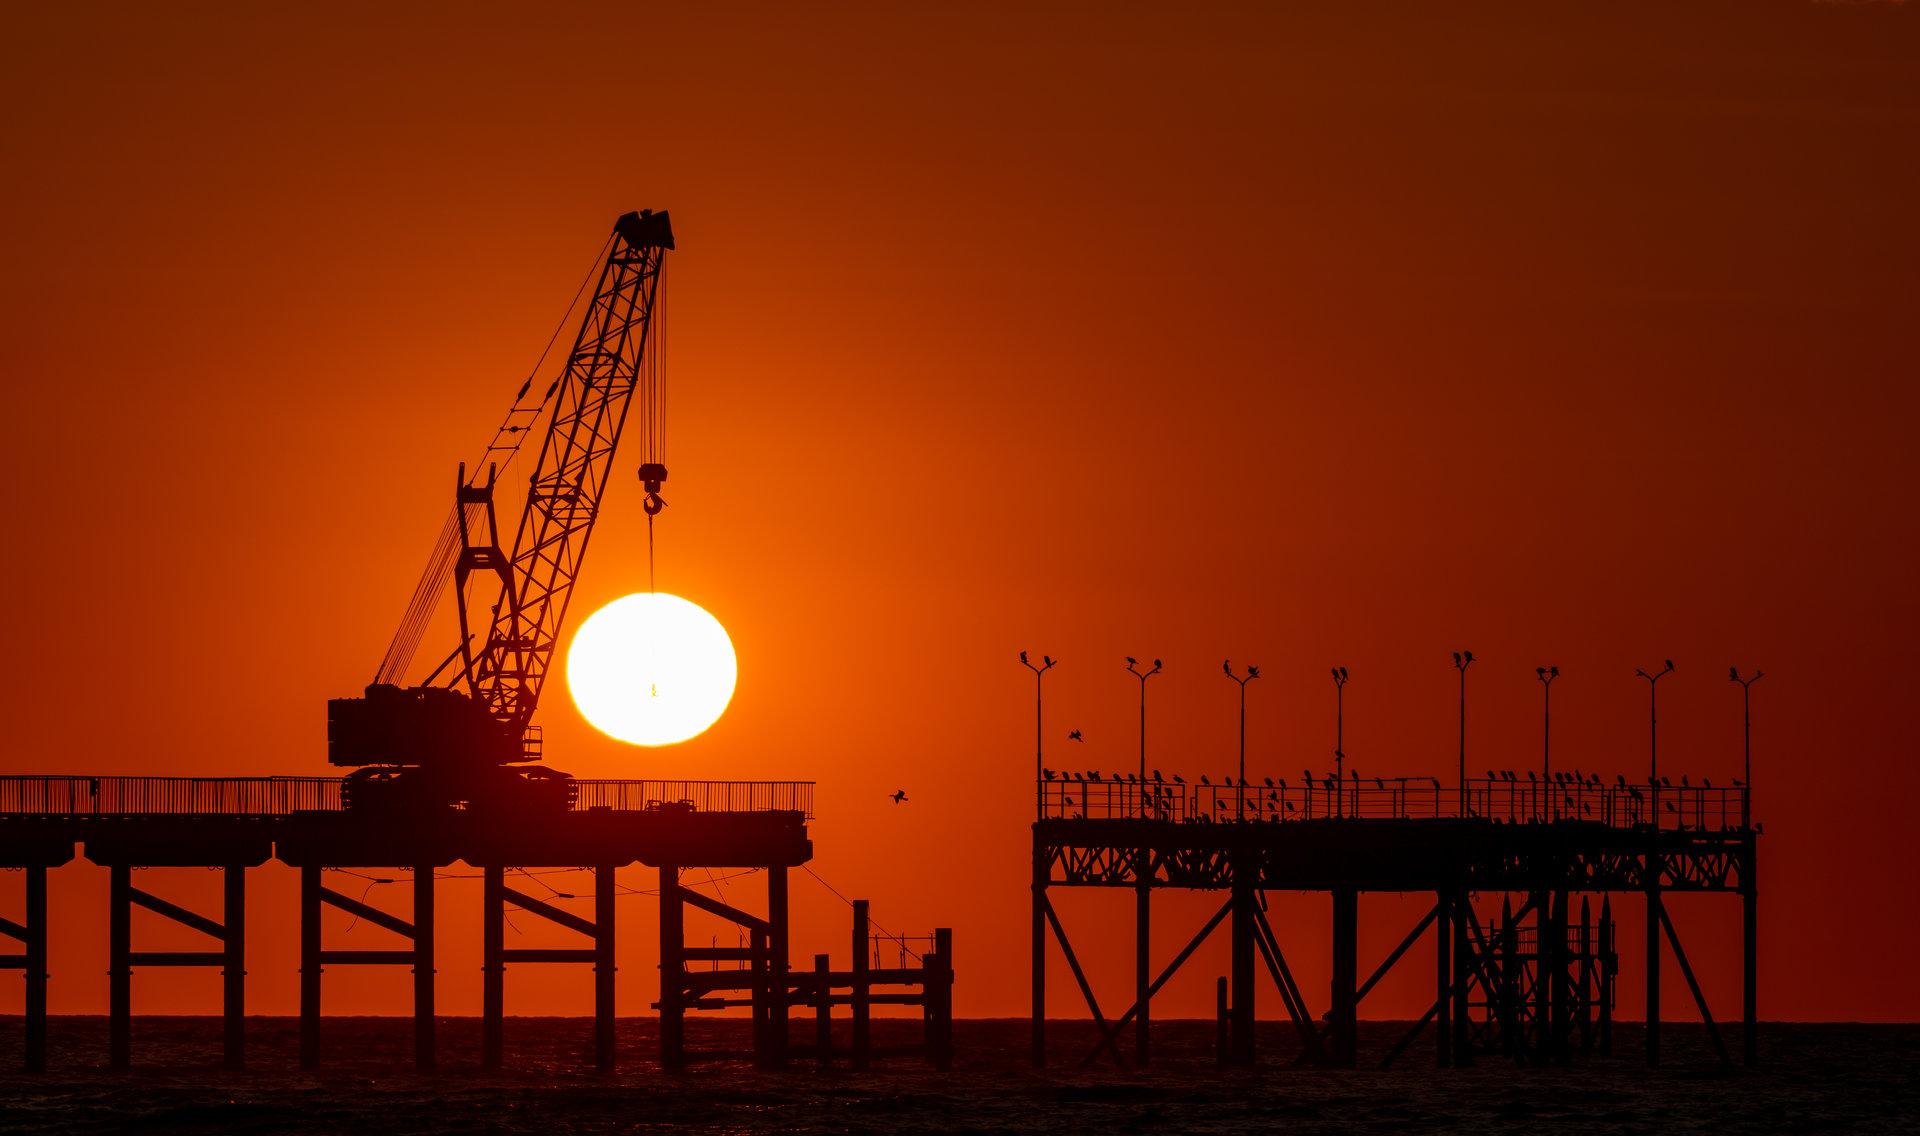 Човекът, който повдигаше слънцето. | Author Konstantin Vladov - viagronom | PHOTO FORUM